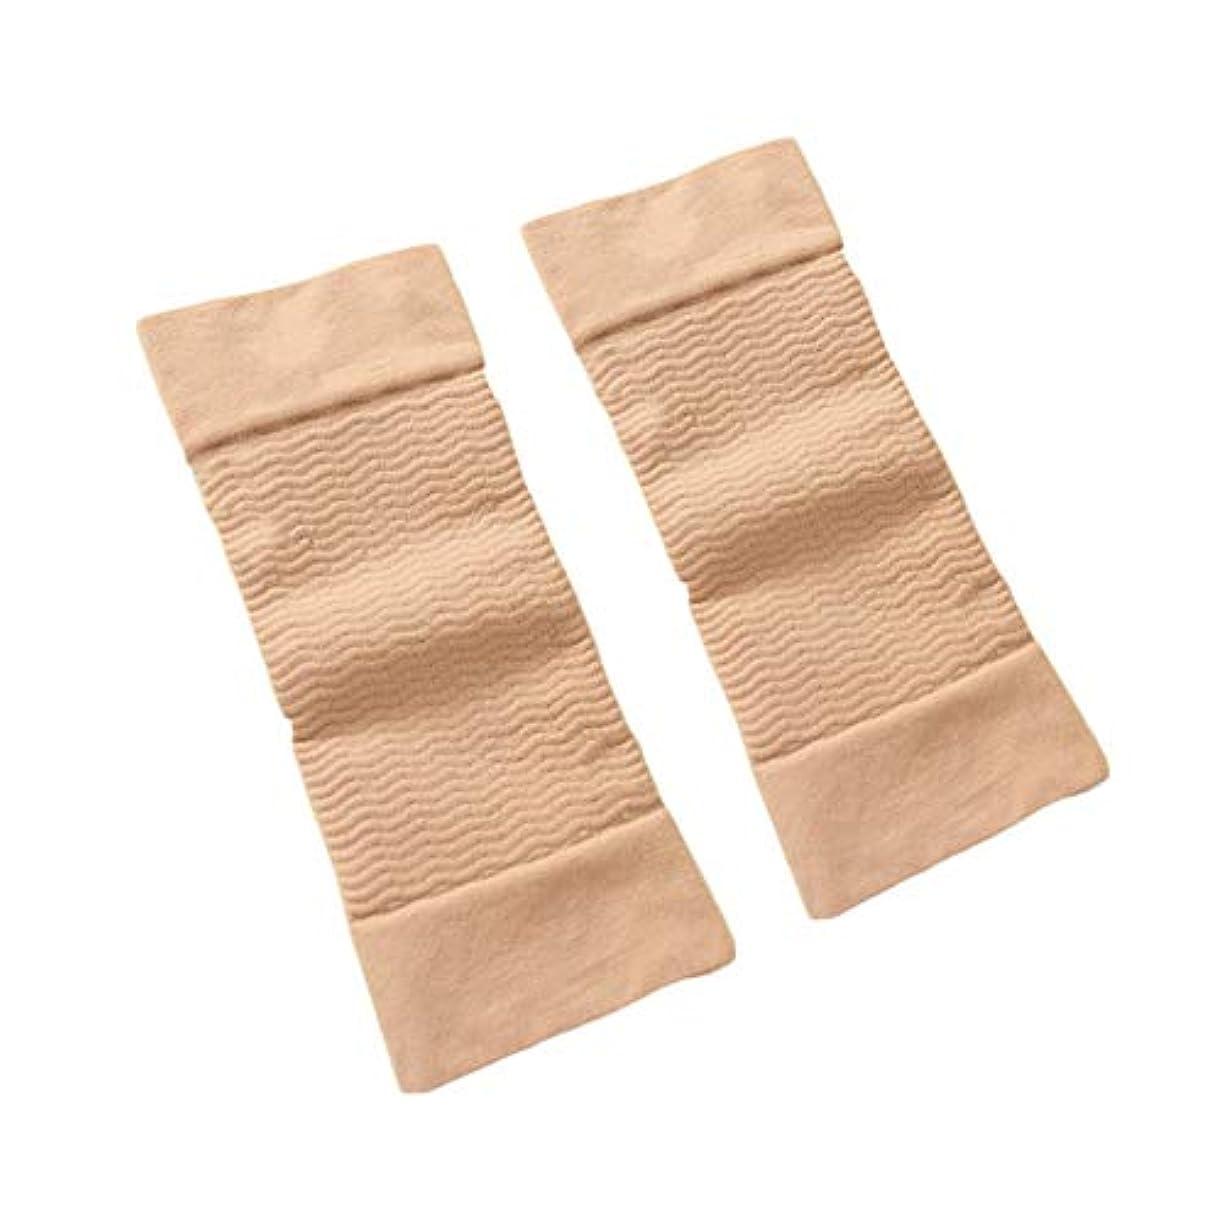 1ペア420 D圧縮痩身アームスリーブワークアウトトーニングバーンセルライトシェイパー脂肪燃焼袖用女性 - 肌色